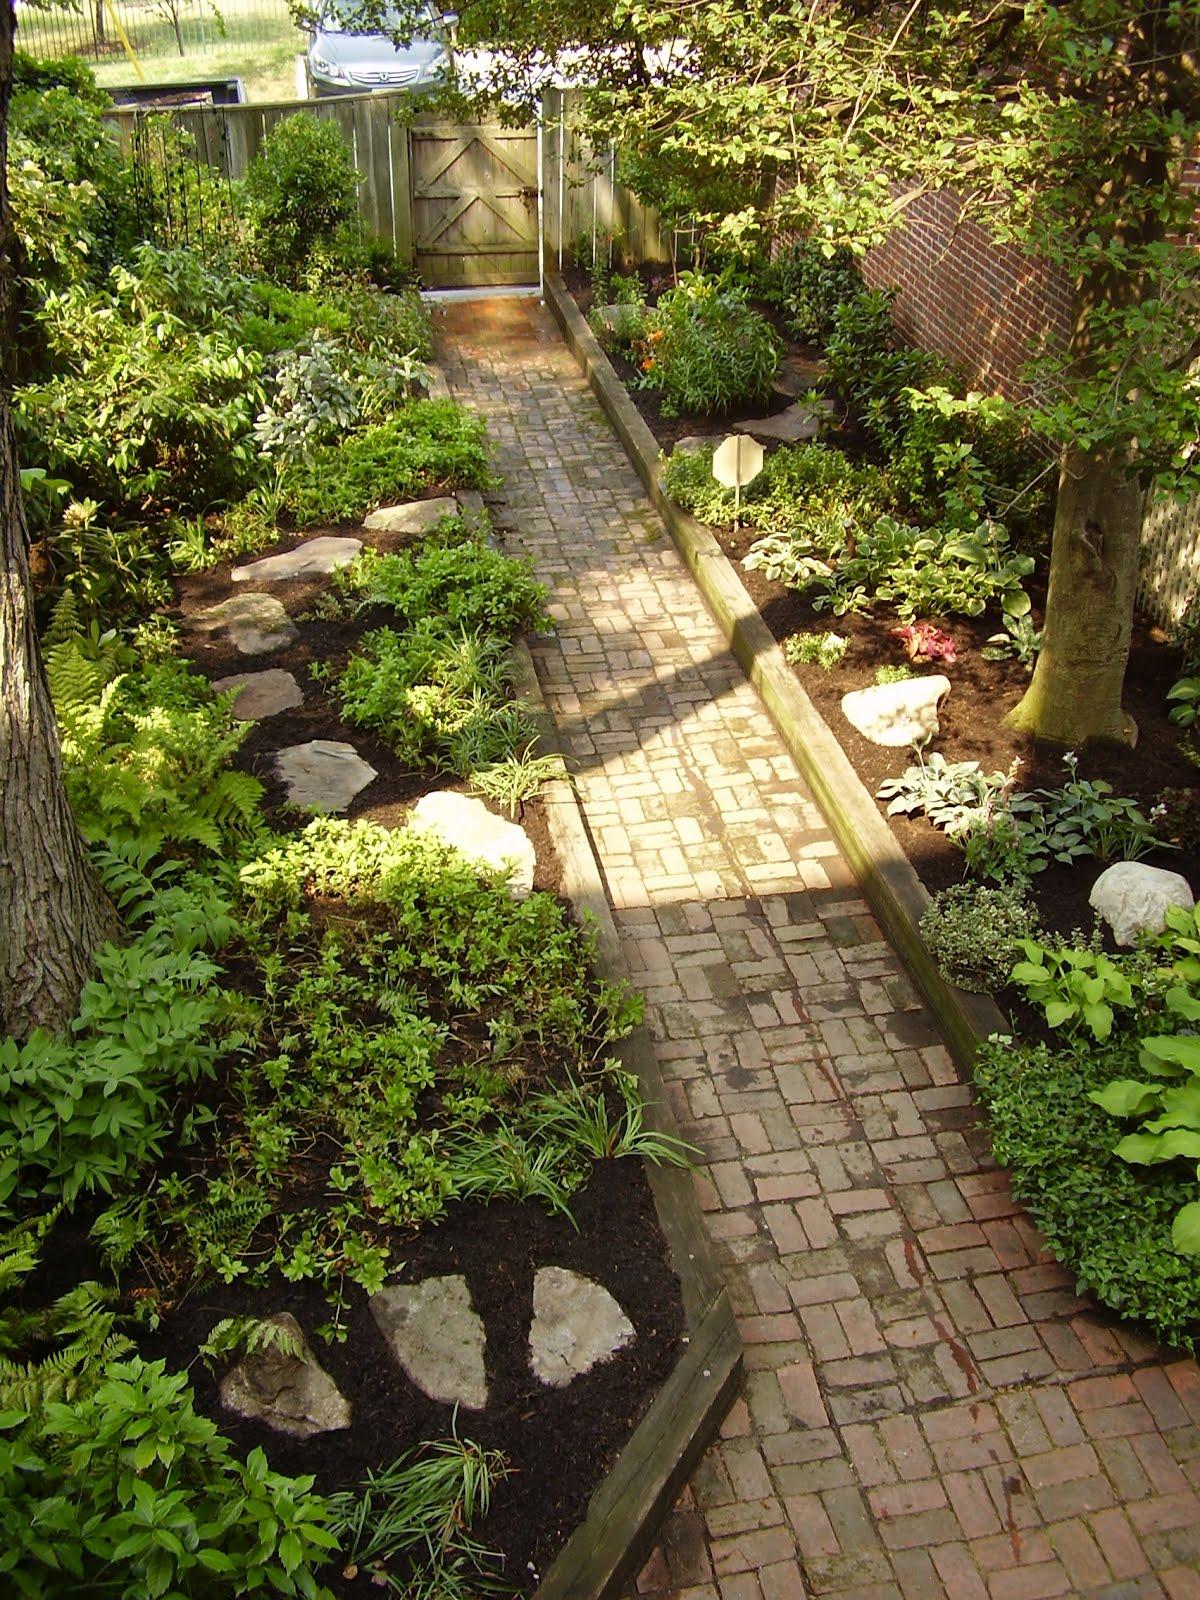 Seven Winds LLC: Naturalized City Garden